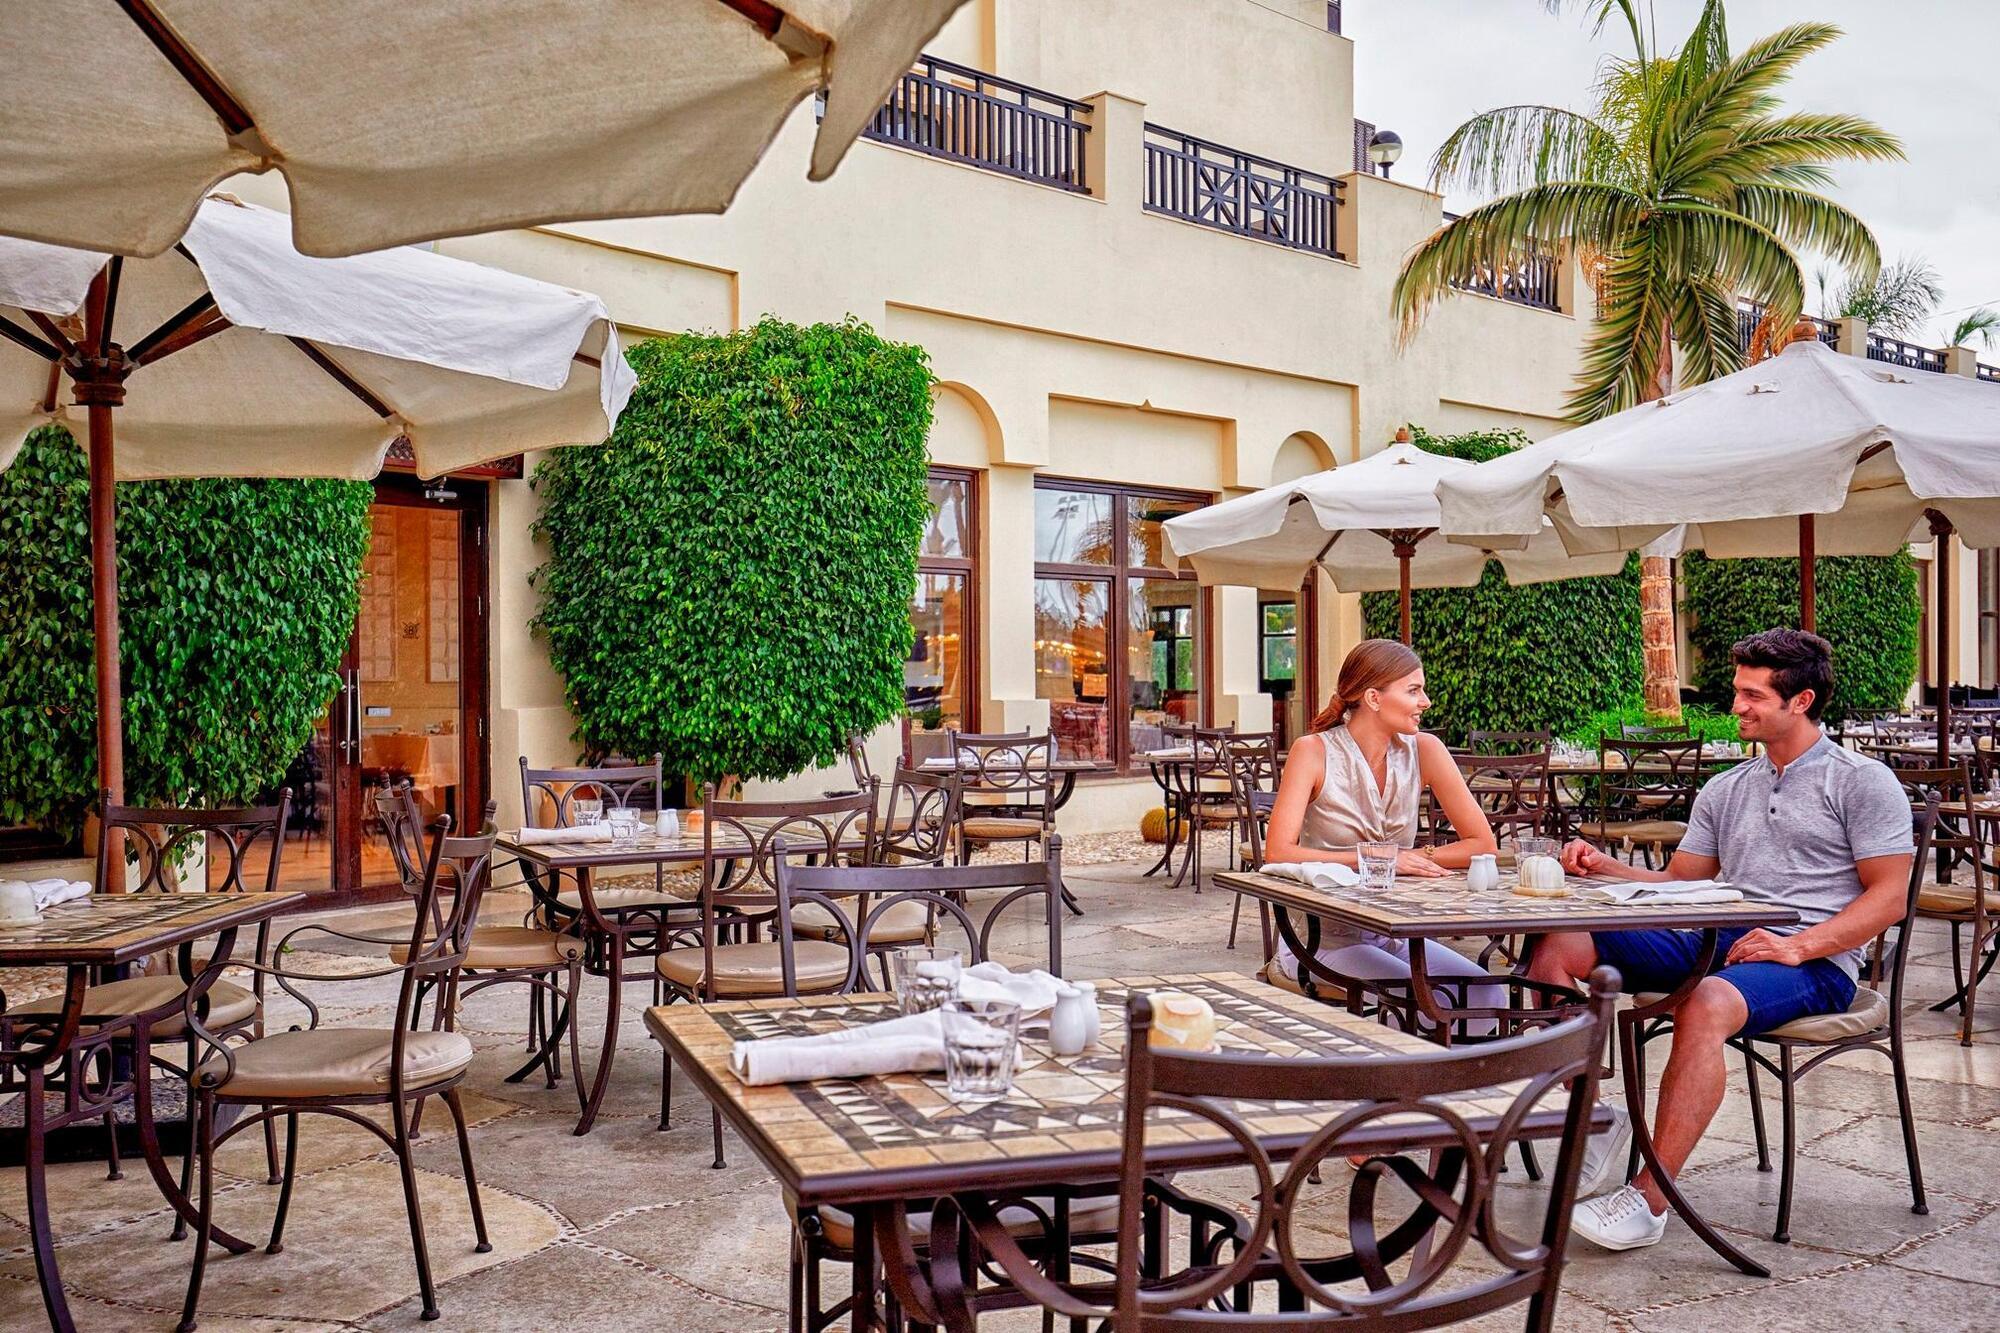 Steigenberger Aldau Beach Hotel, Hurghada Image 18